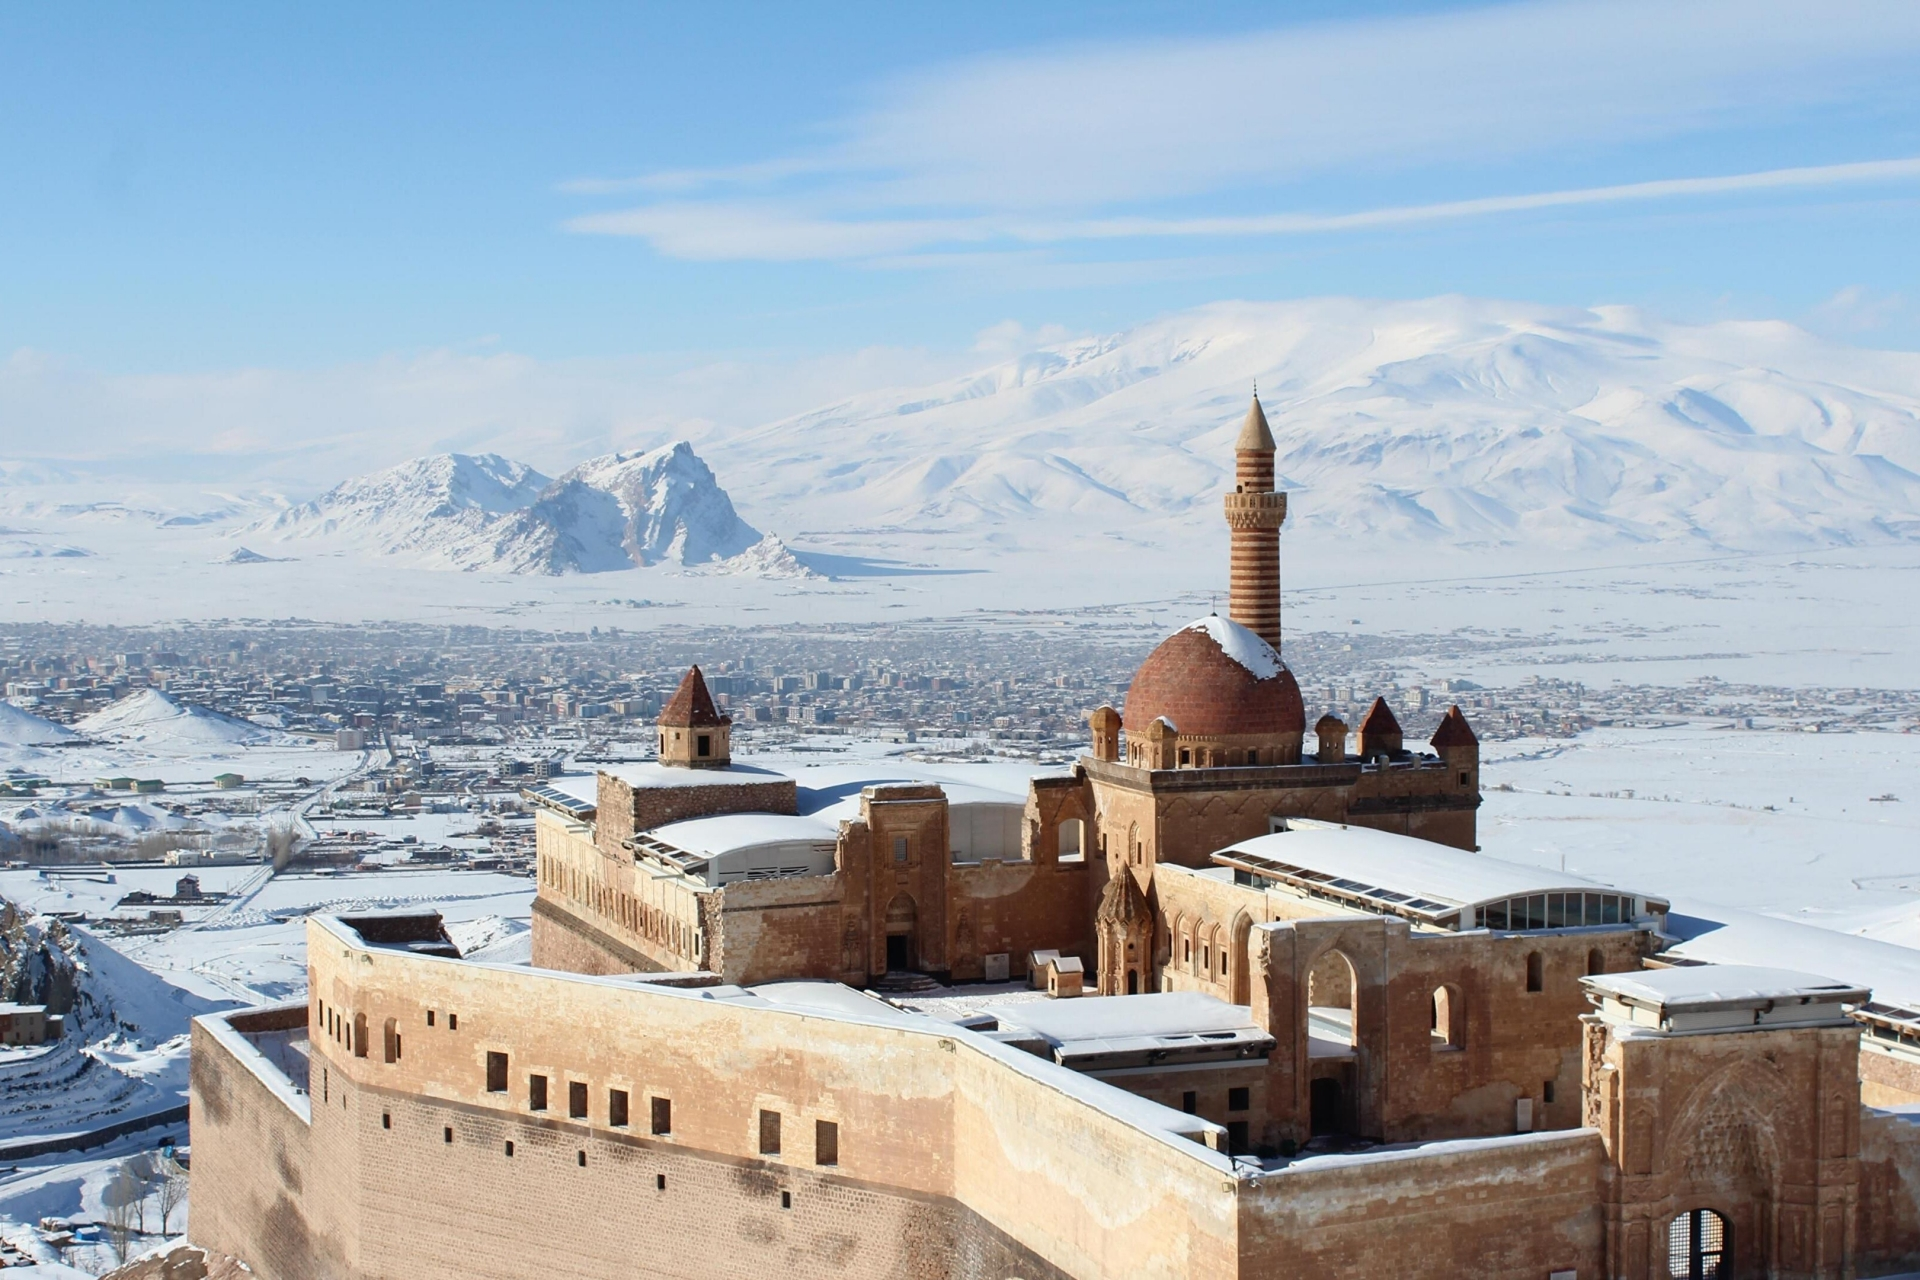 Cung điện hàng trăm năm tuổi ở Thổ Nhĩ Kỳ